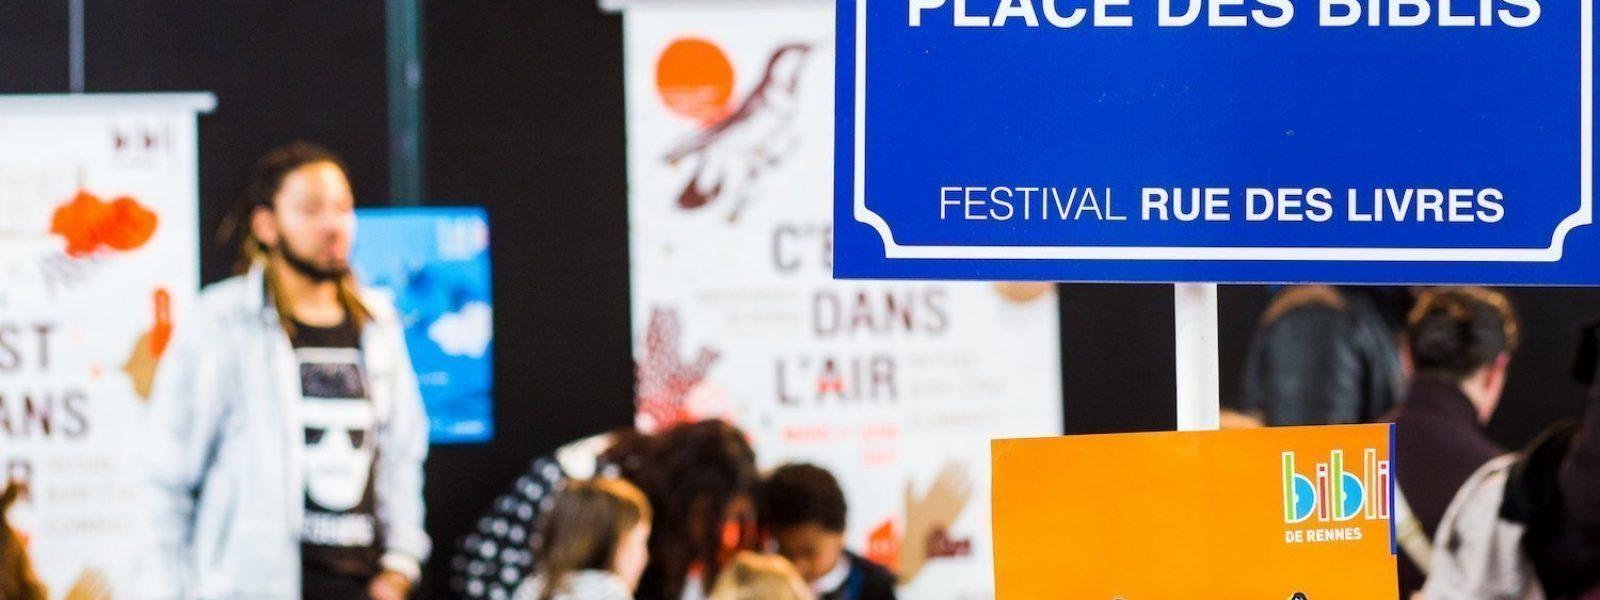 Festival Rue des Livres à Rennes